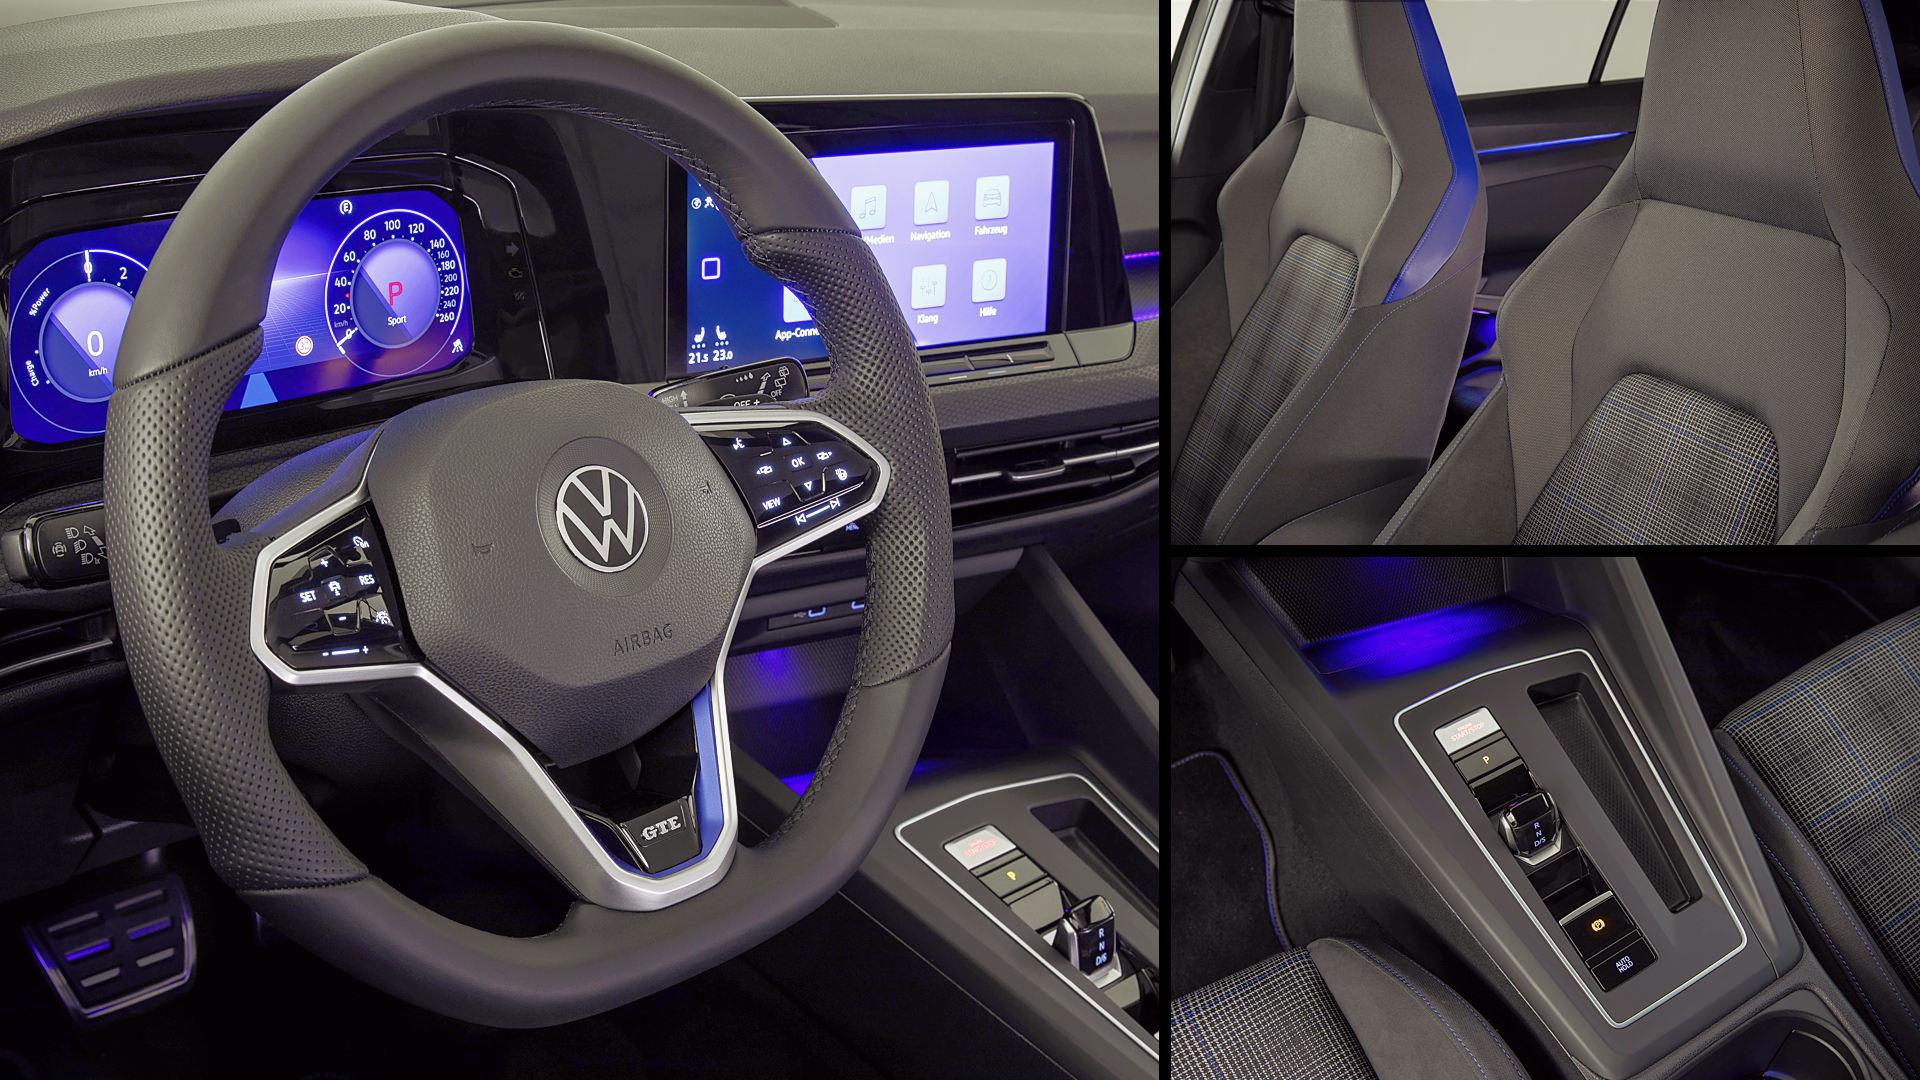 2021 Volkswagen Golf GTE Hybrid Interior